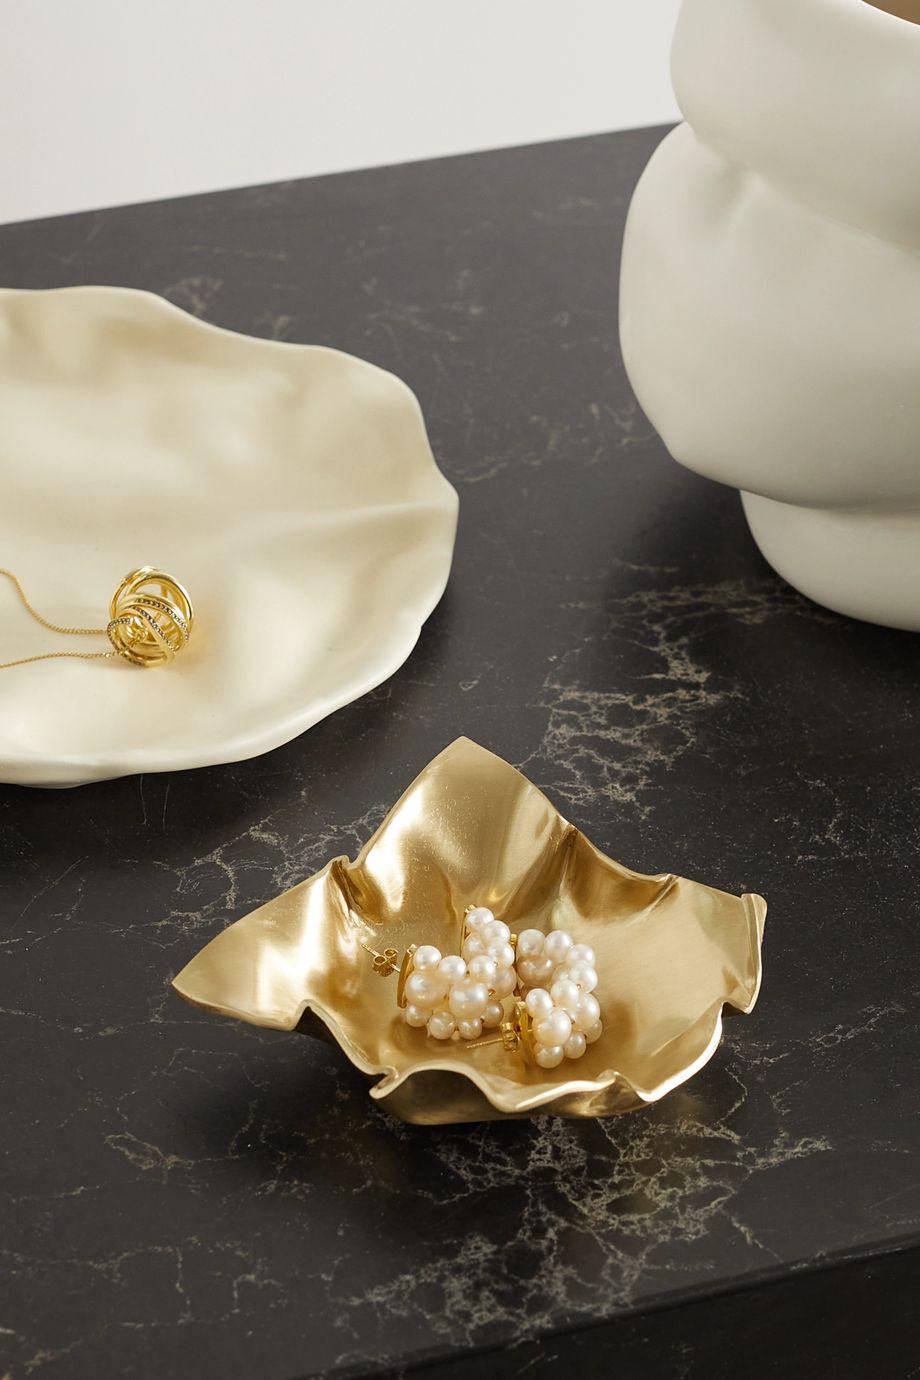 Completedworks Fold goldfarbene Schale